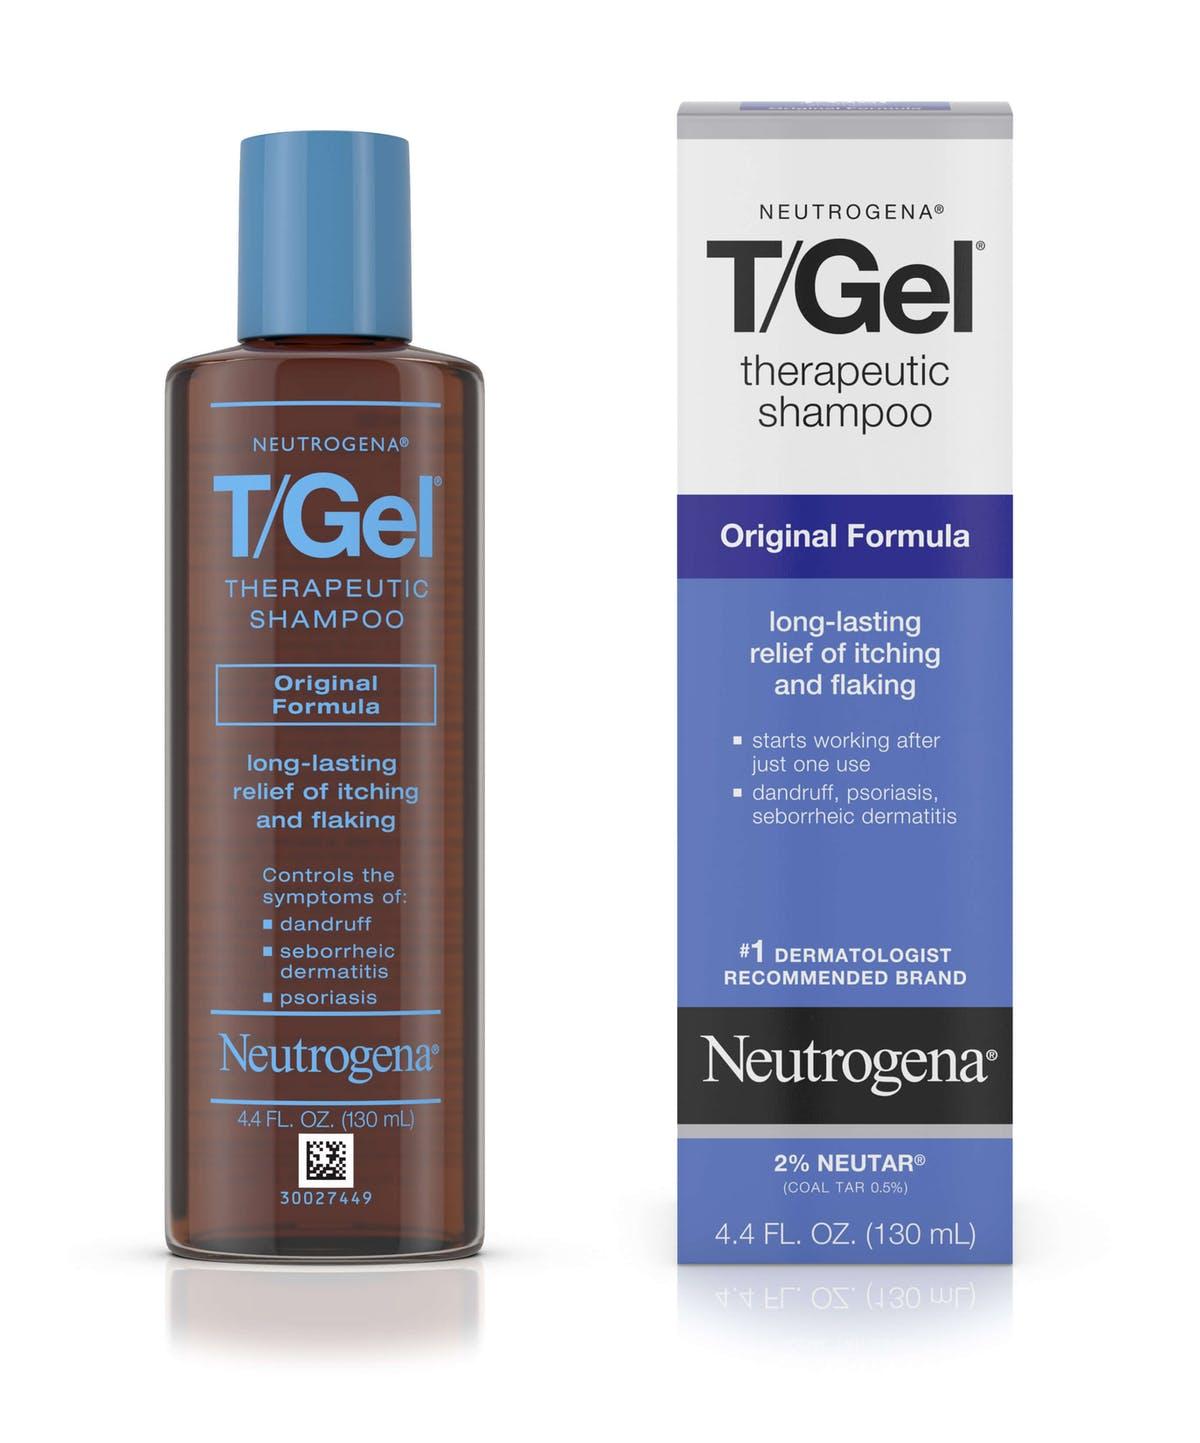 شامبو لعلاج فروة الرأس الحساسة   Neutrogena T/Gel Therapeutic Shampoo